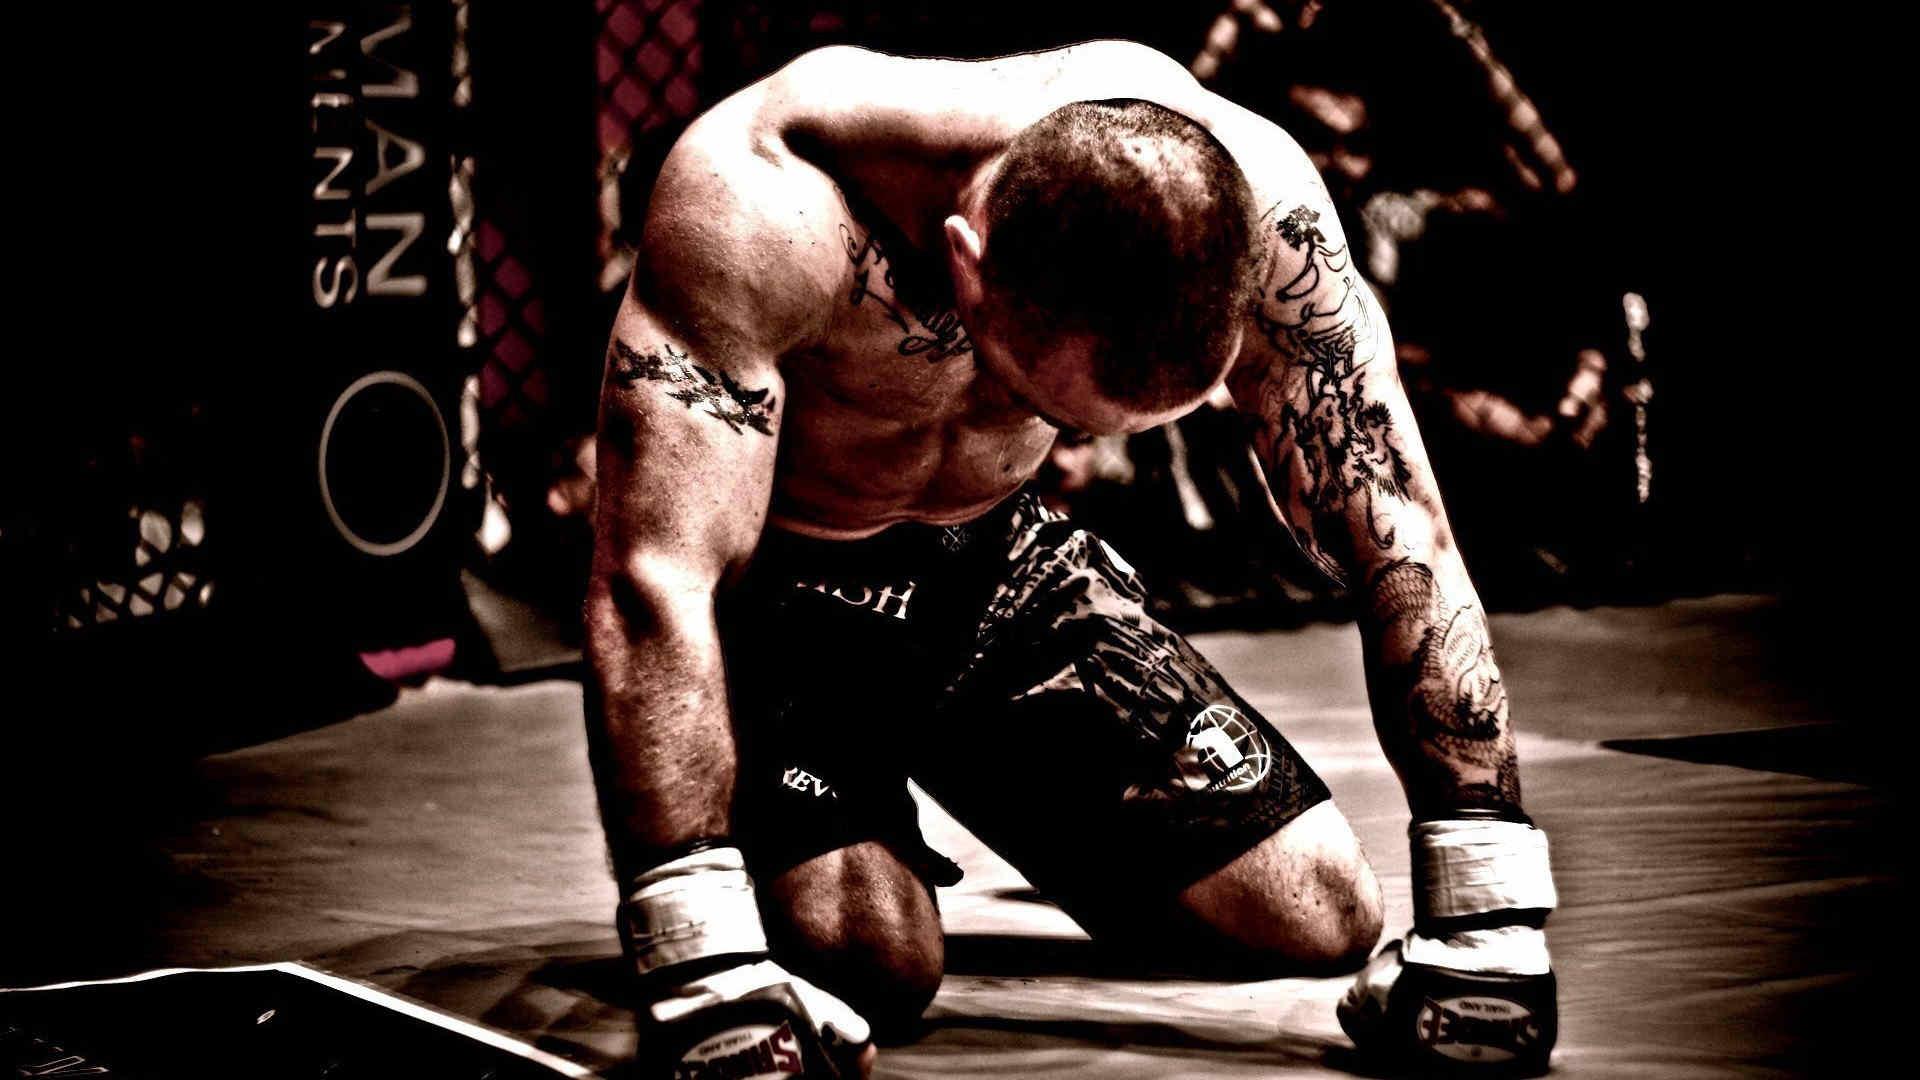 boxing-man-1xbet